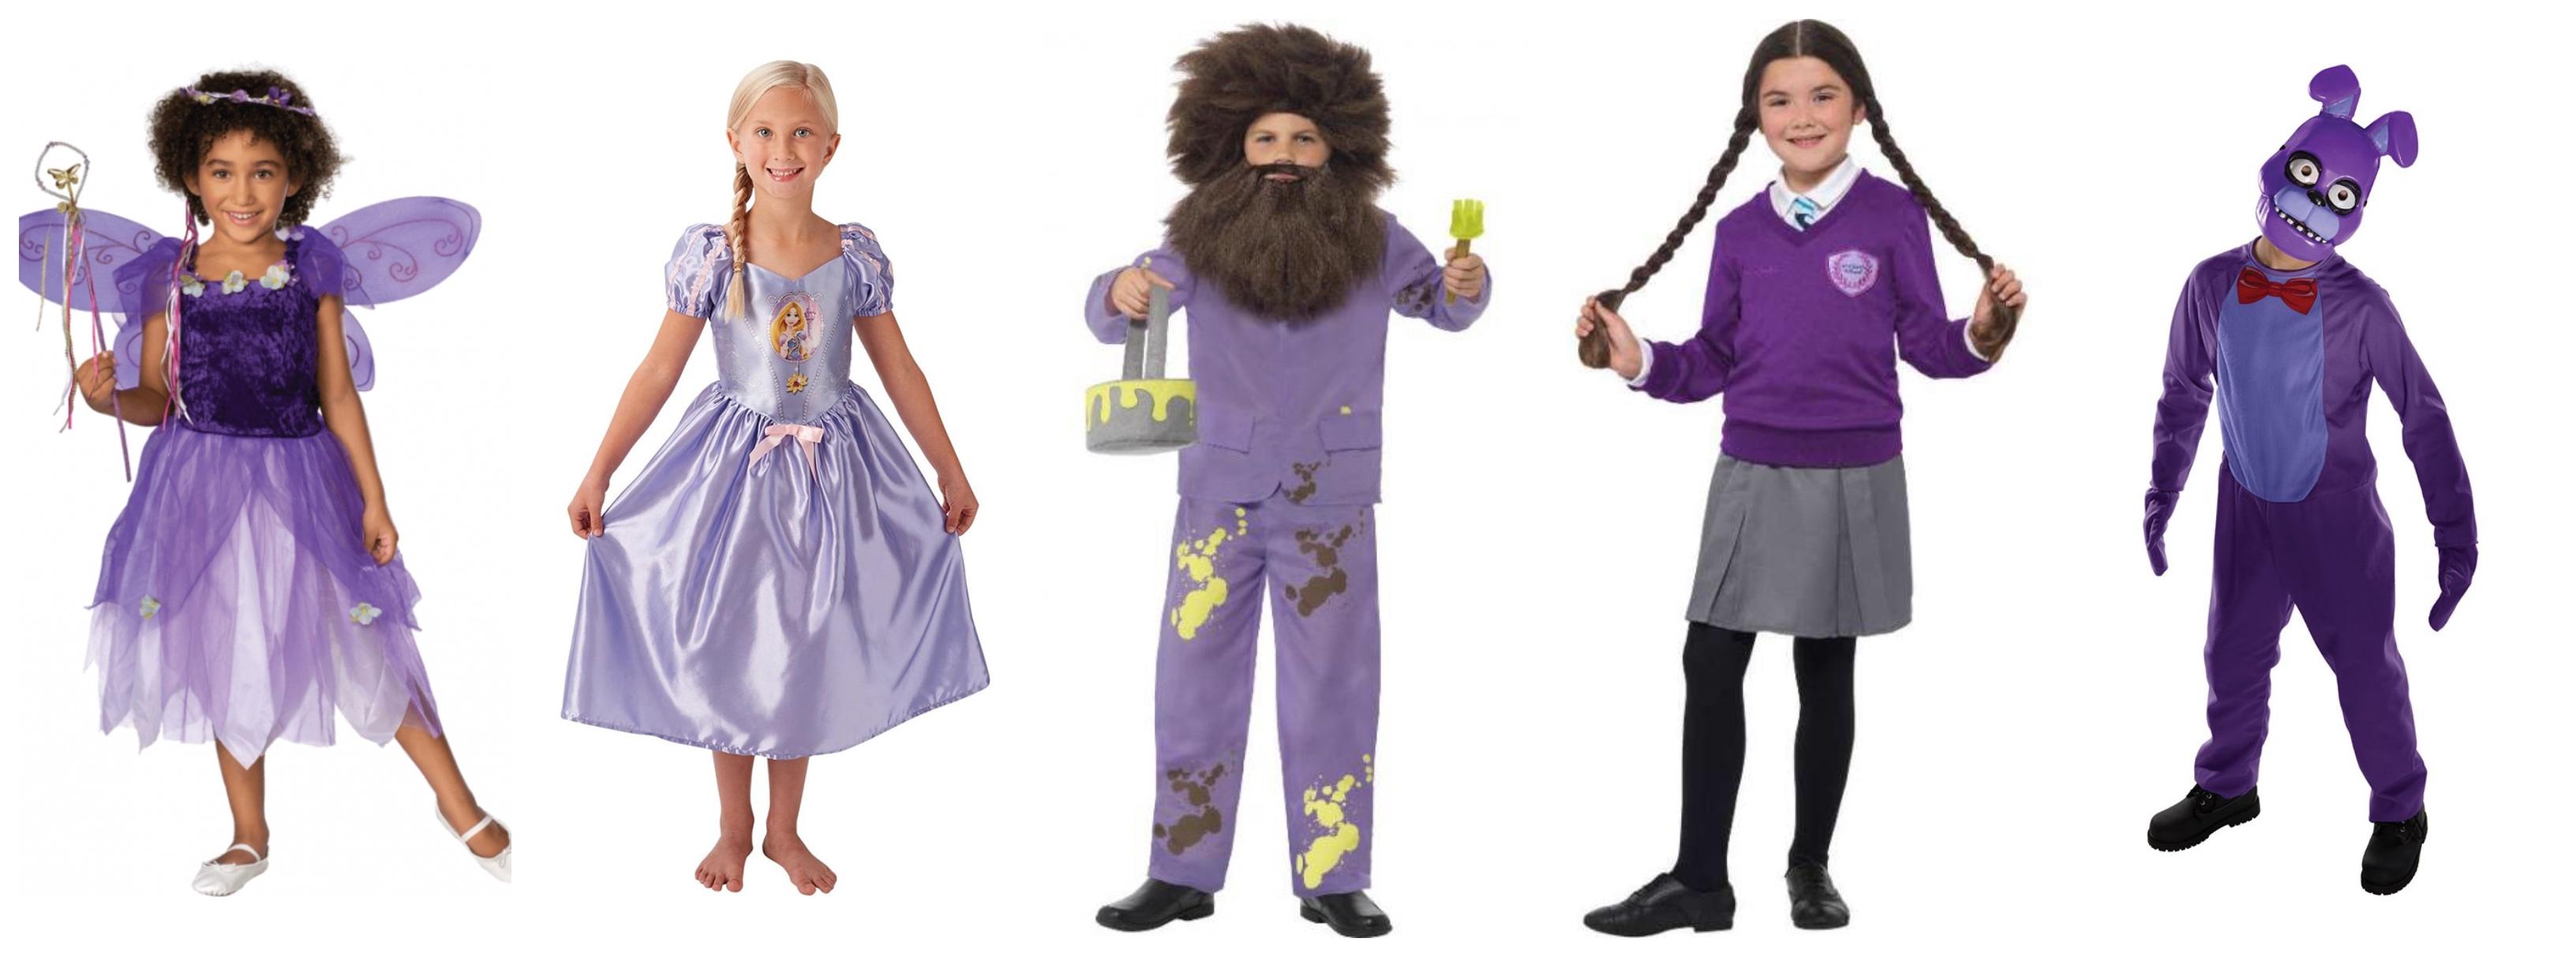 Lilla børnekostumer lilla kostumer til børn - Lilla kostumer til børn